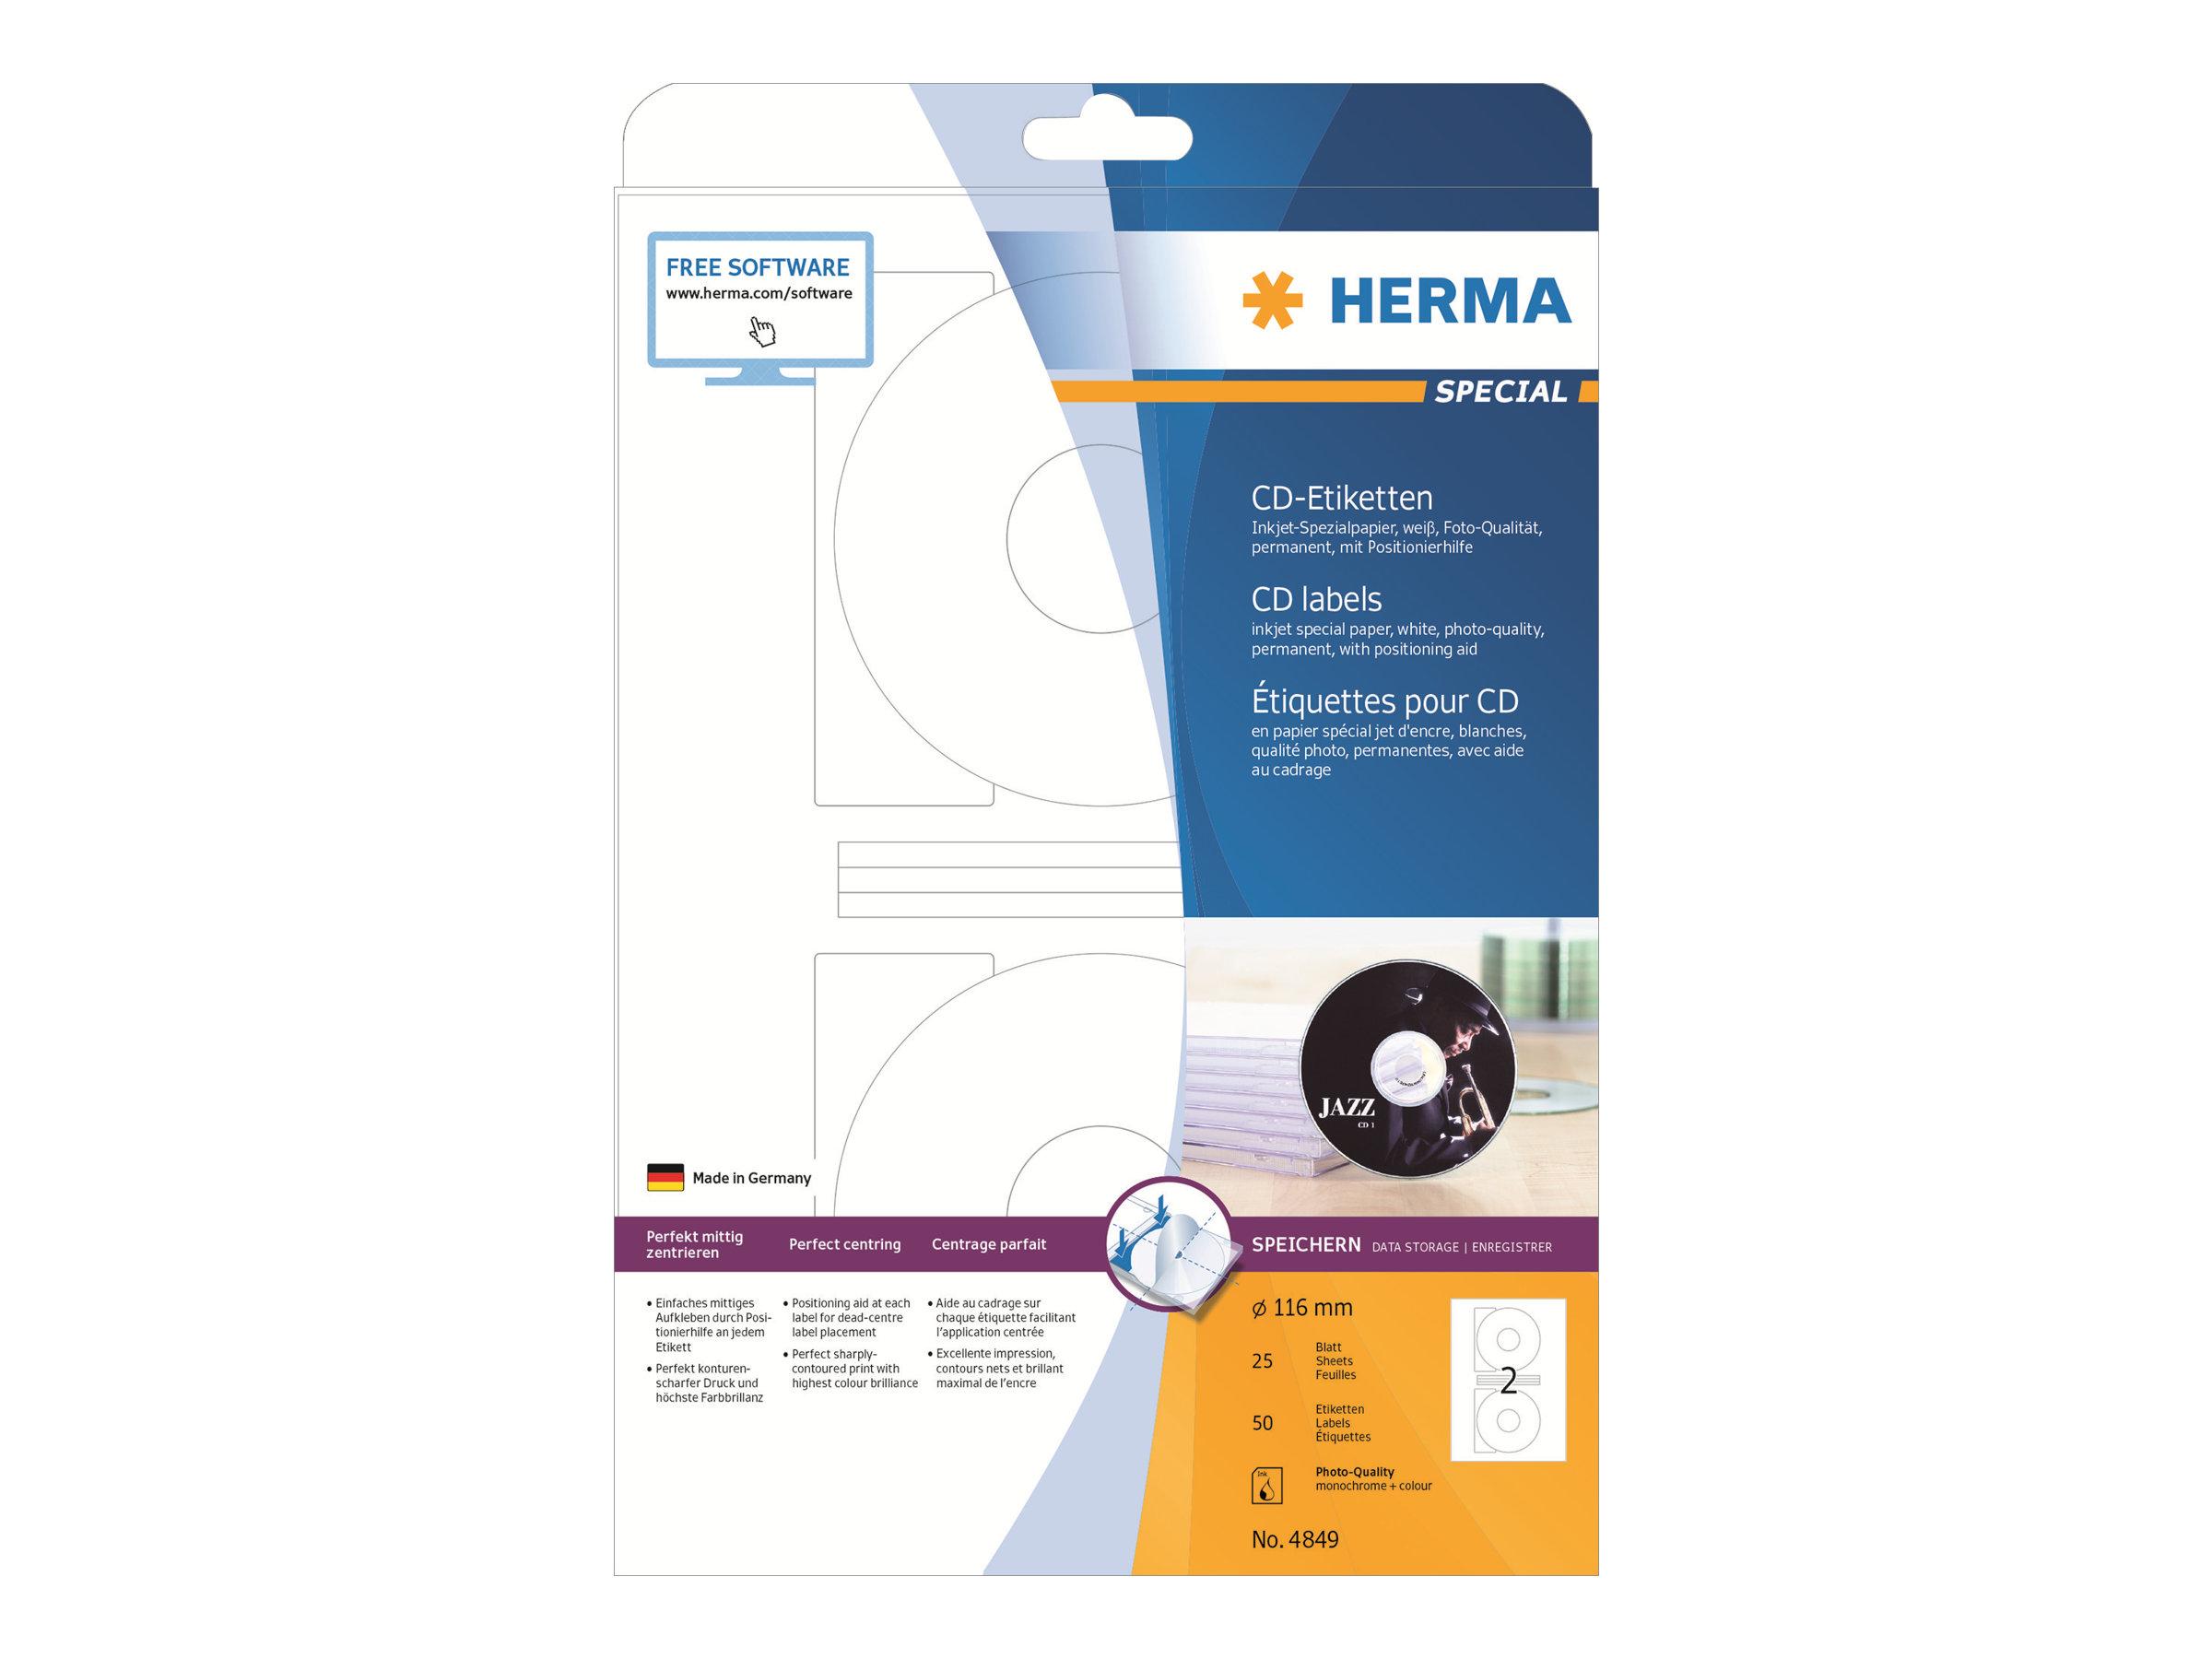 HERMA Special - Papier - matt - permanent selbstklebend - beschichtet - weiß - 116 mm rund - 90 g/m² - 50 Etikett(en) (25 Bogen x 2)